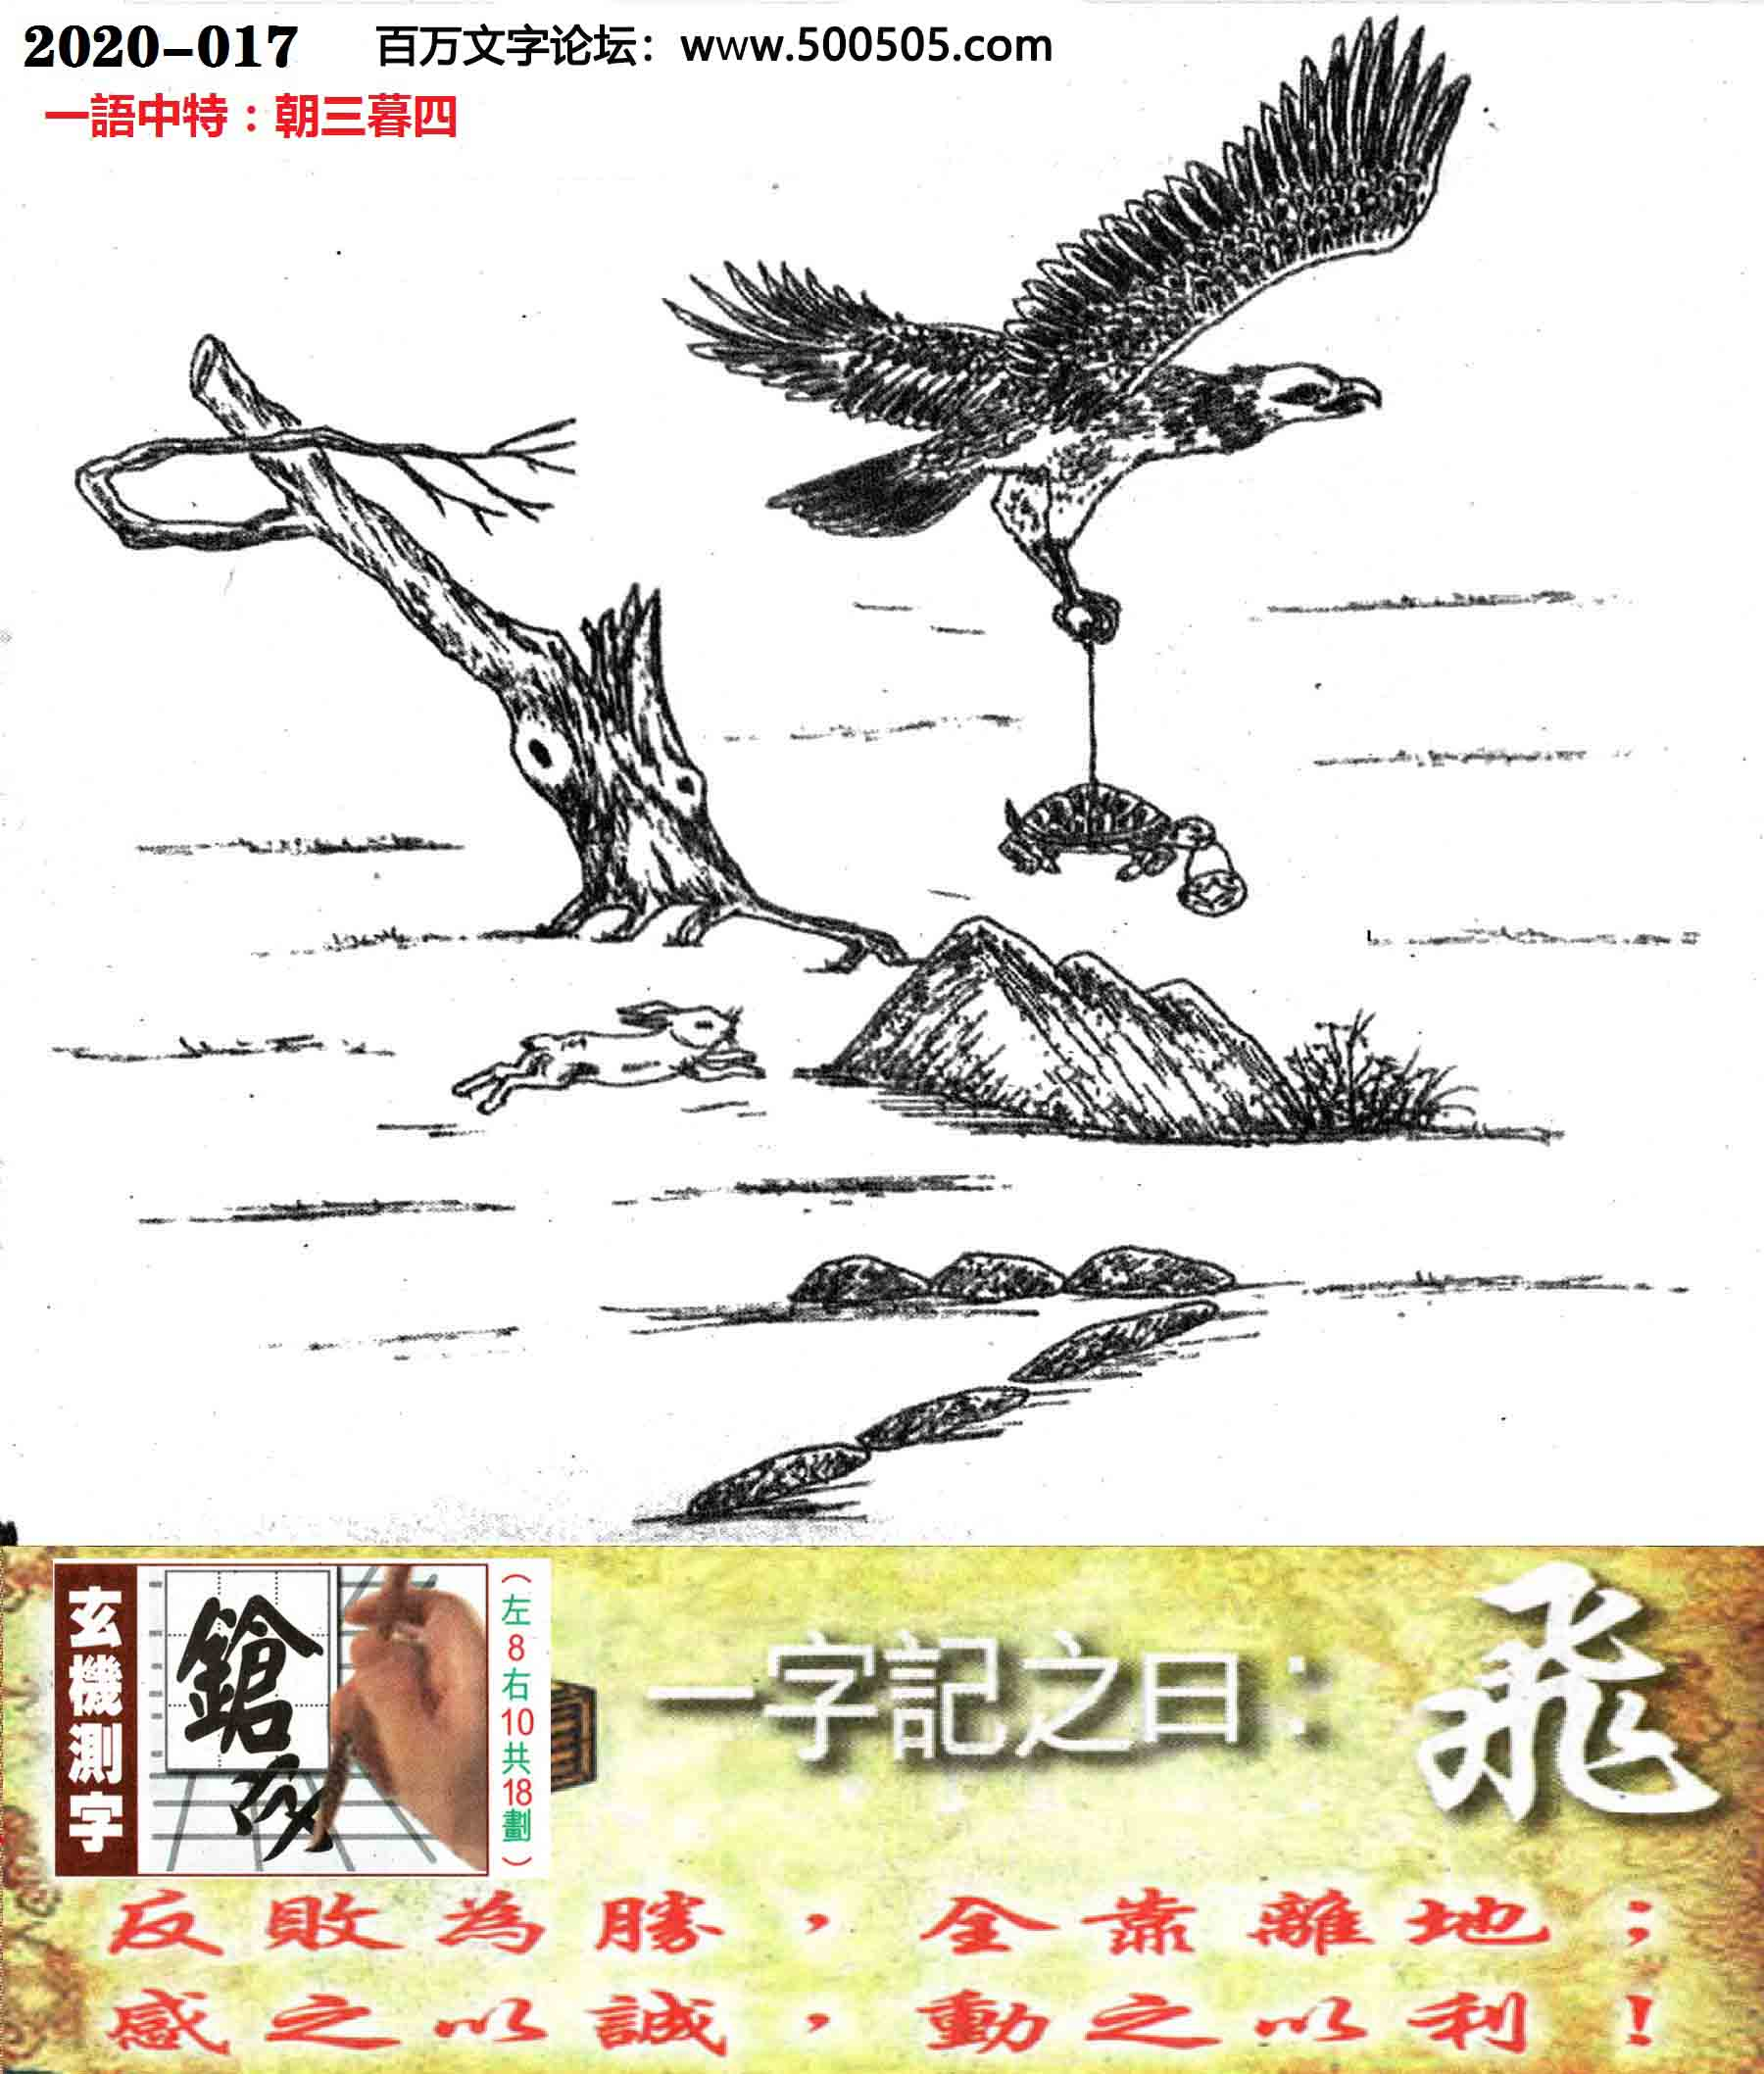 017期跑狗一字記之曰:【飛】_反敗為勝,全靠離地;_感之以誠,動之以利!